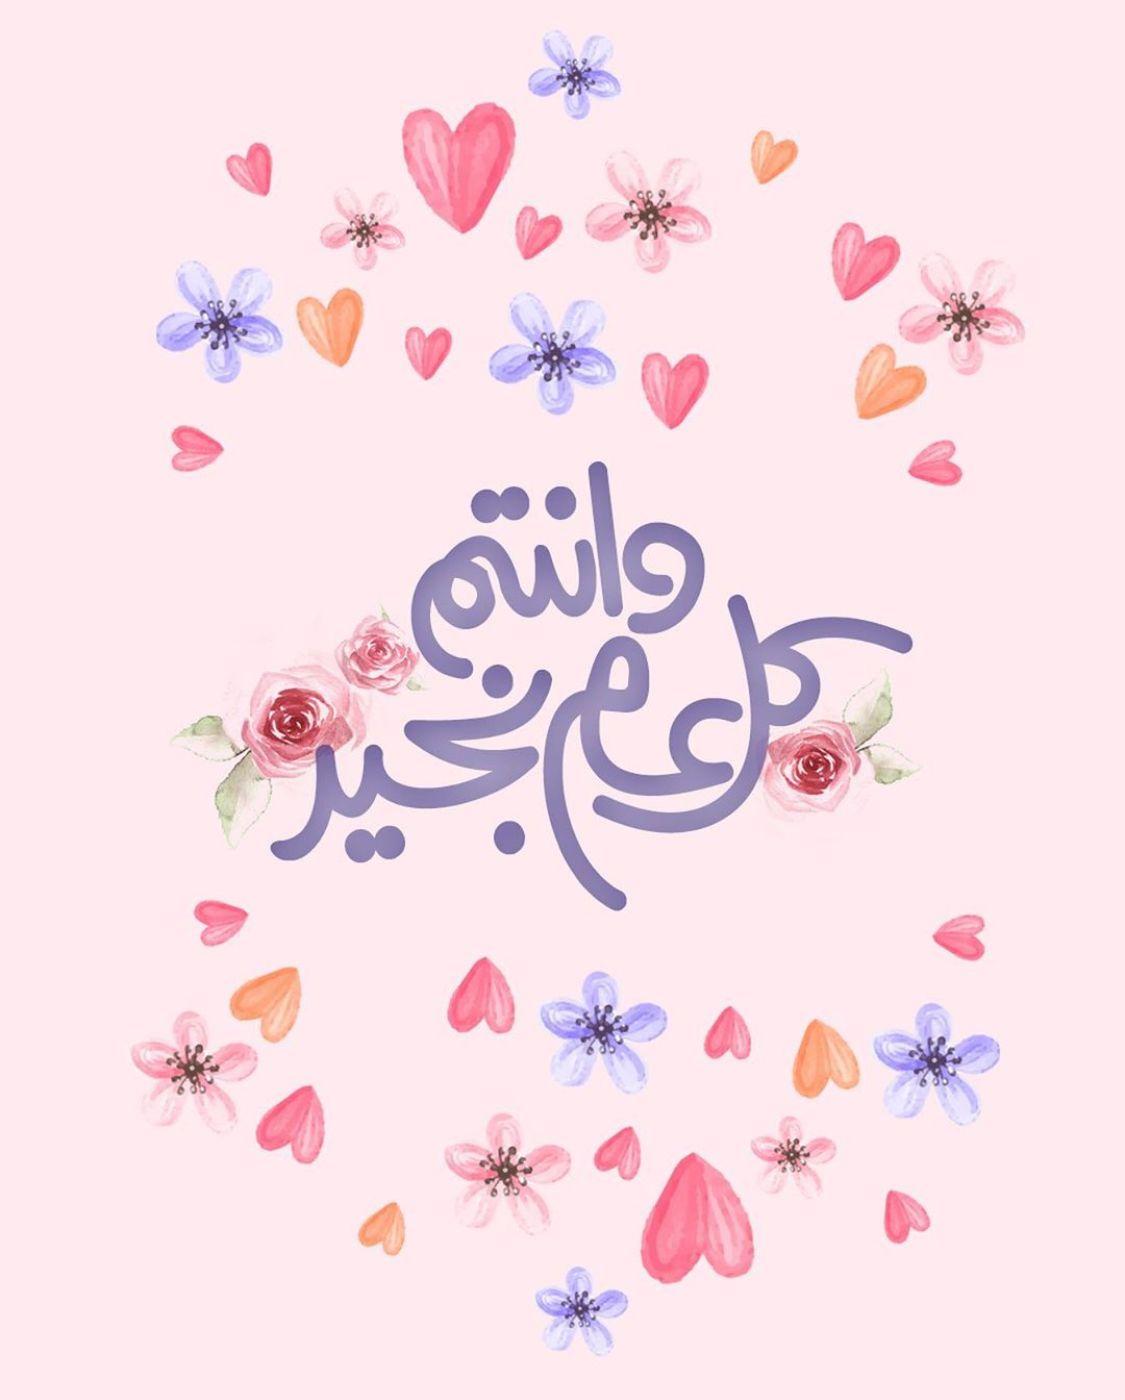 Pin By صورة و كلمة On عيد الفطر عيد الأضحى Eid Mubark Eid Cards Eid Mubarak Home Decor Decals